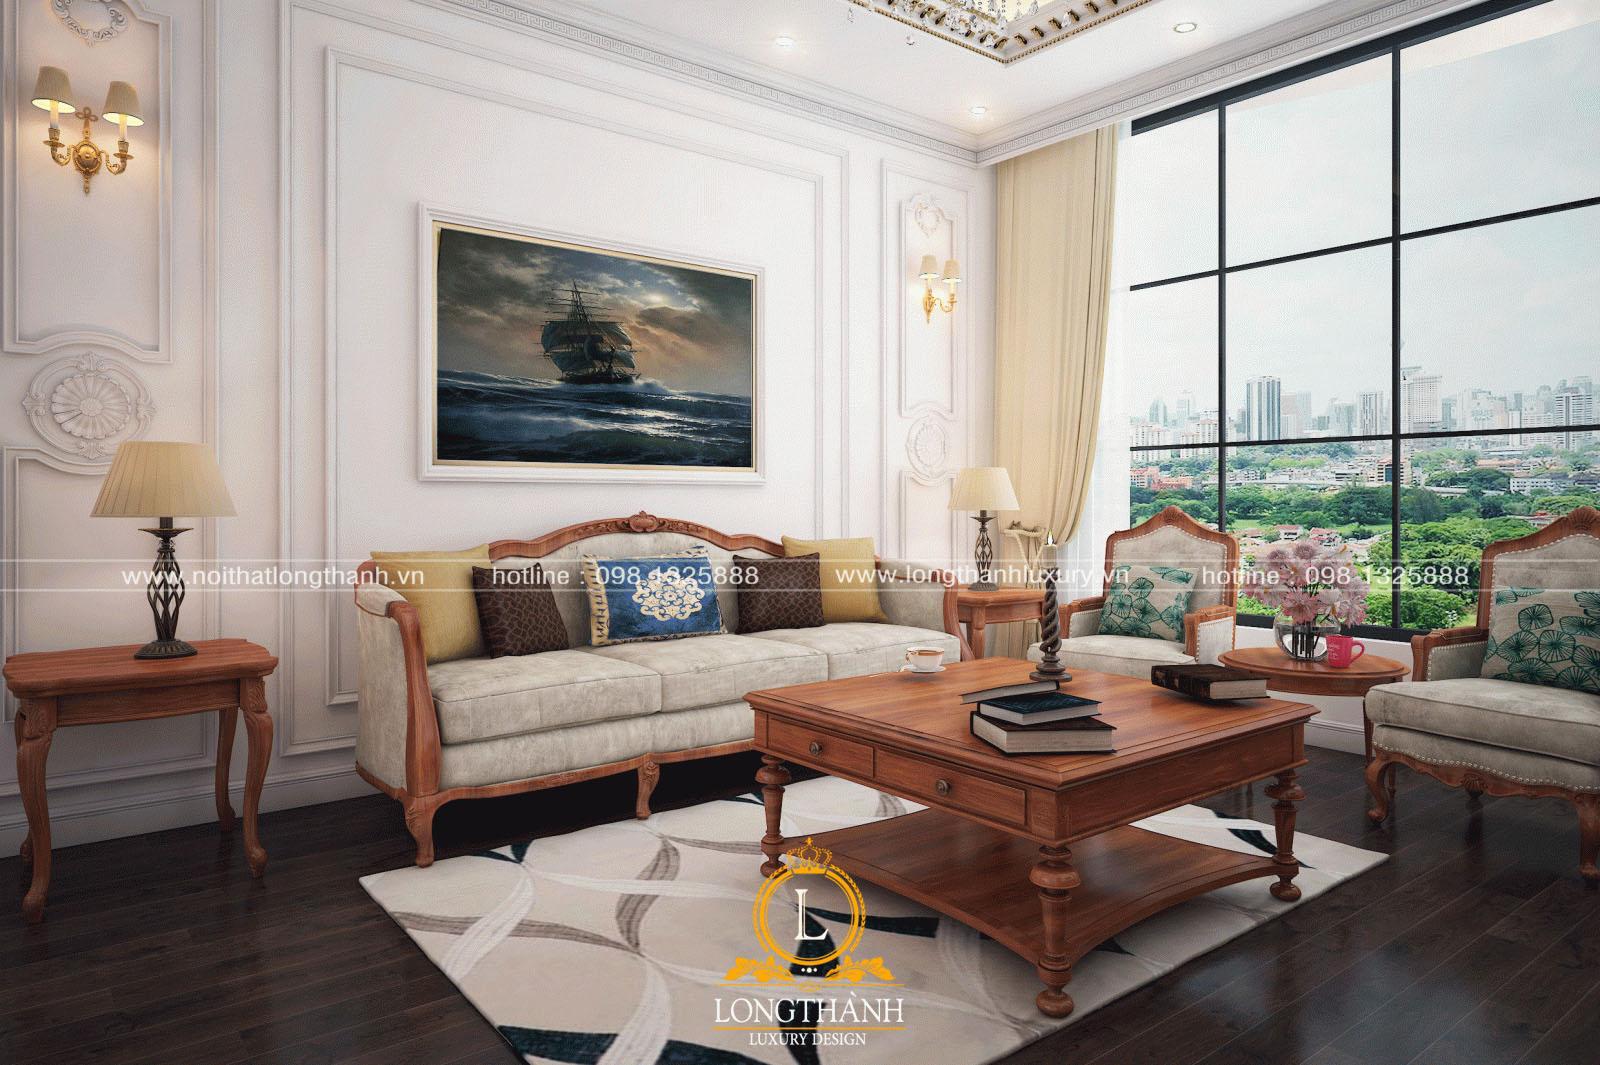 bộ sofa nhung màu hồng phấn trắng nhẹ nhàng tinh tế